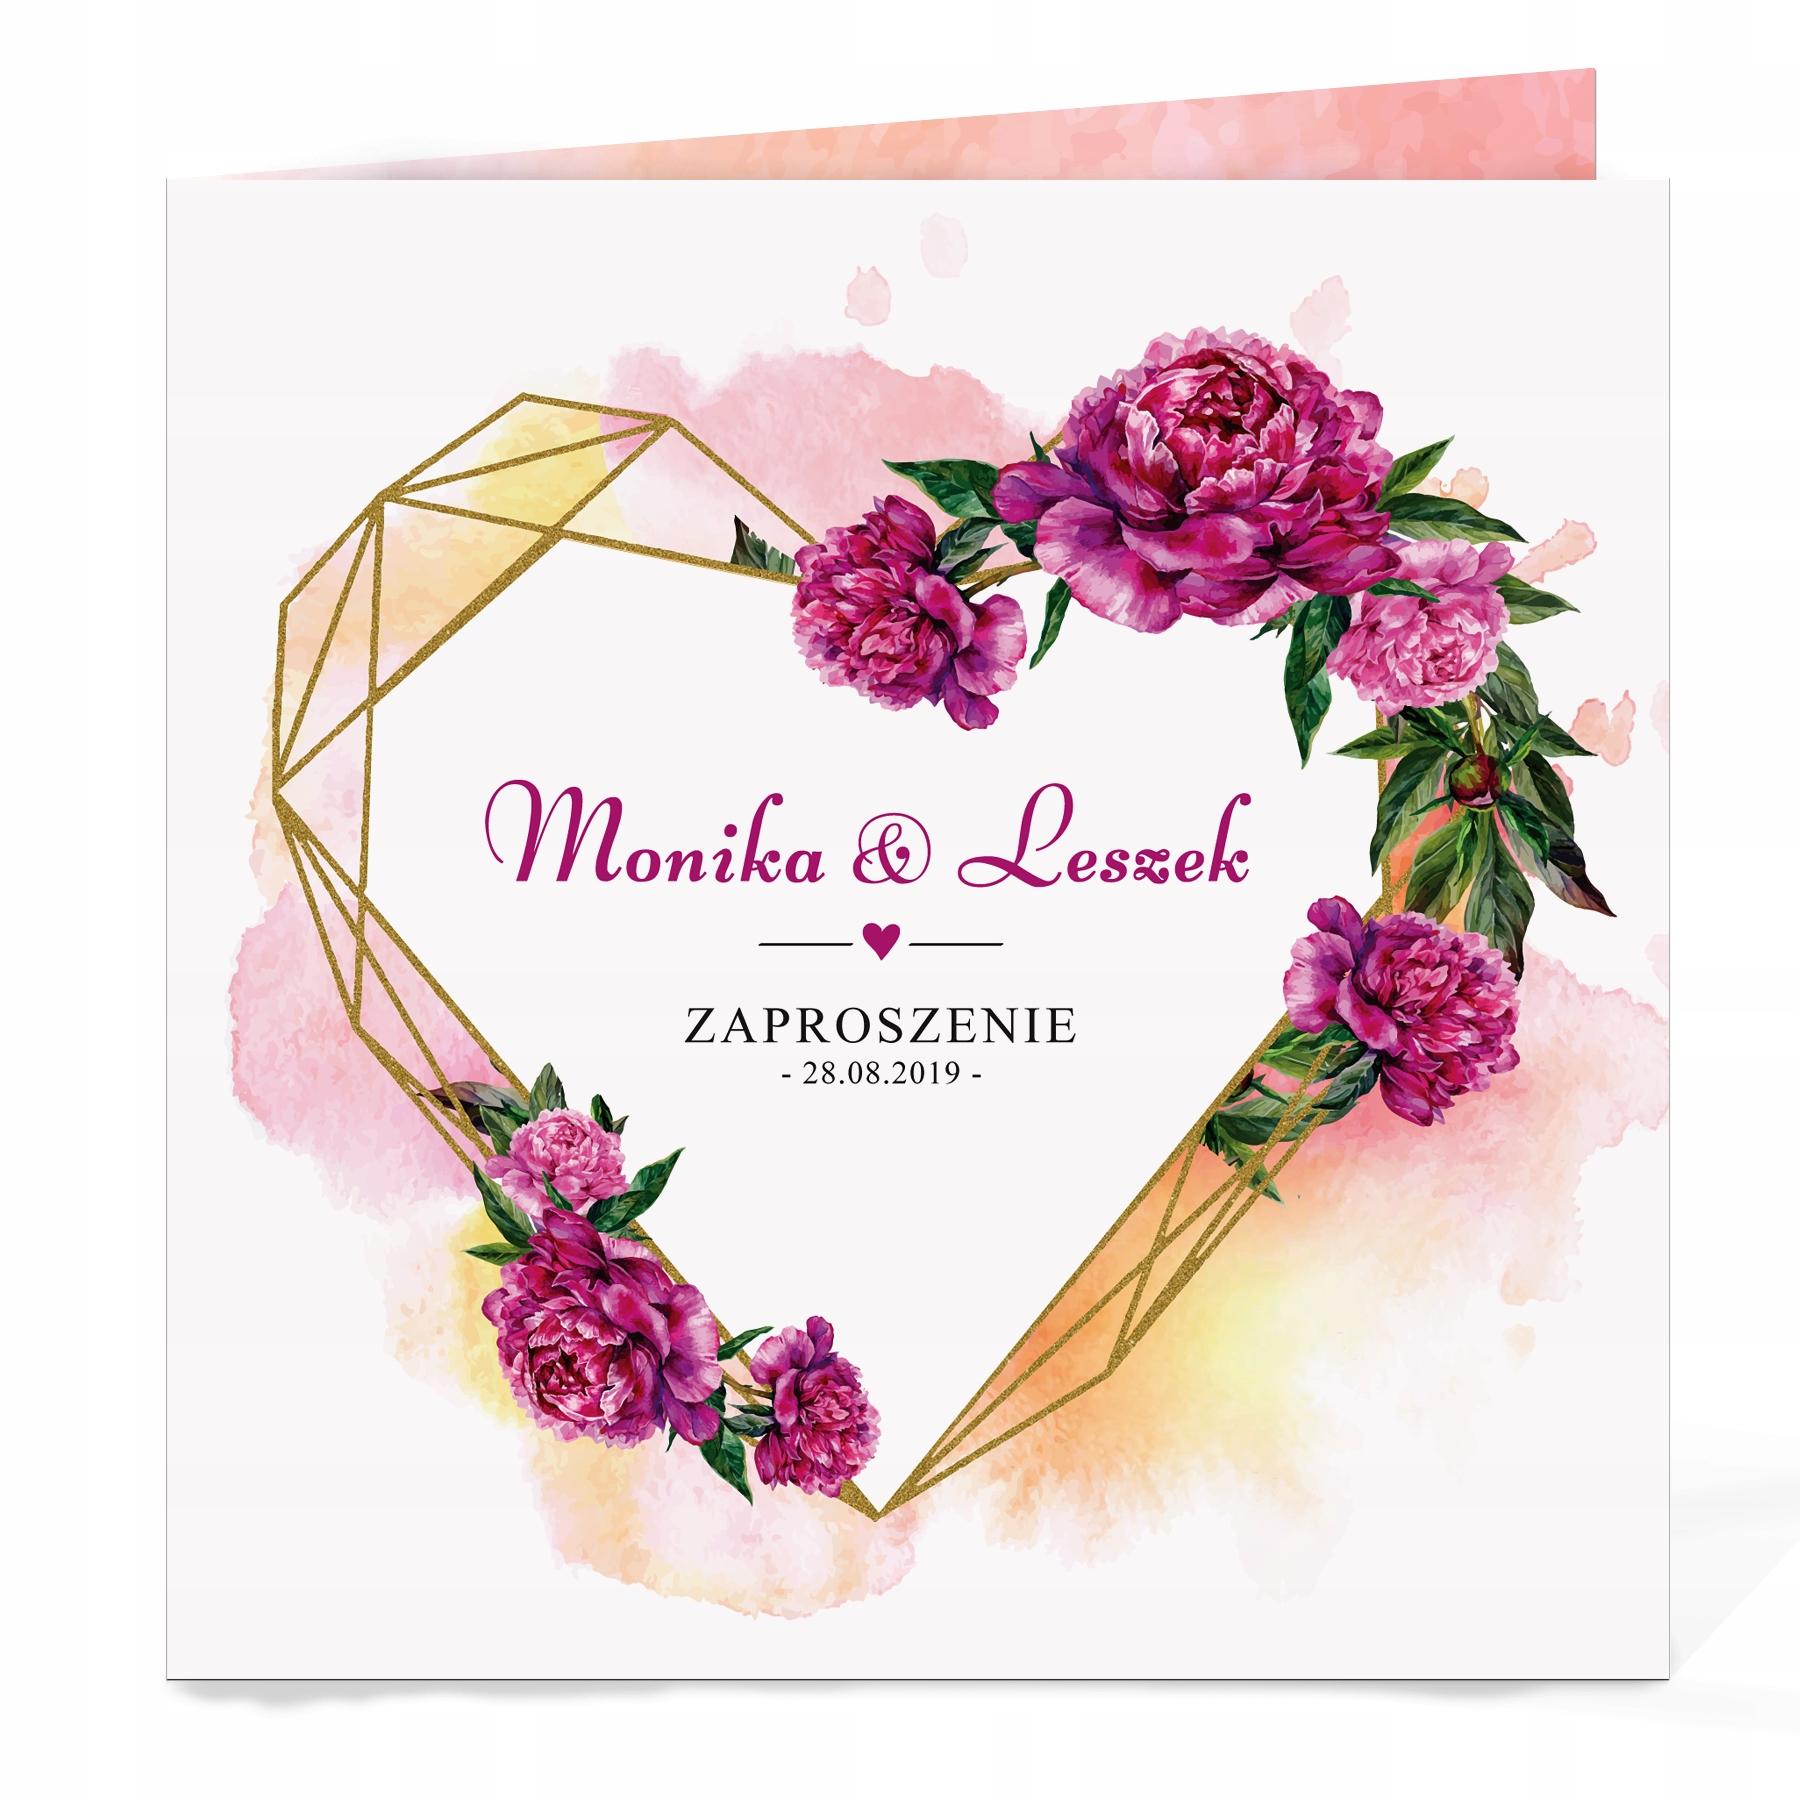 Zaproszenia Ślubne Rustykalne Boho Kwiaty i Koperta